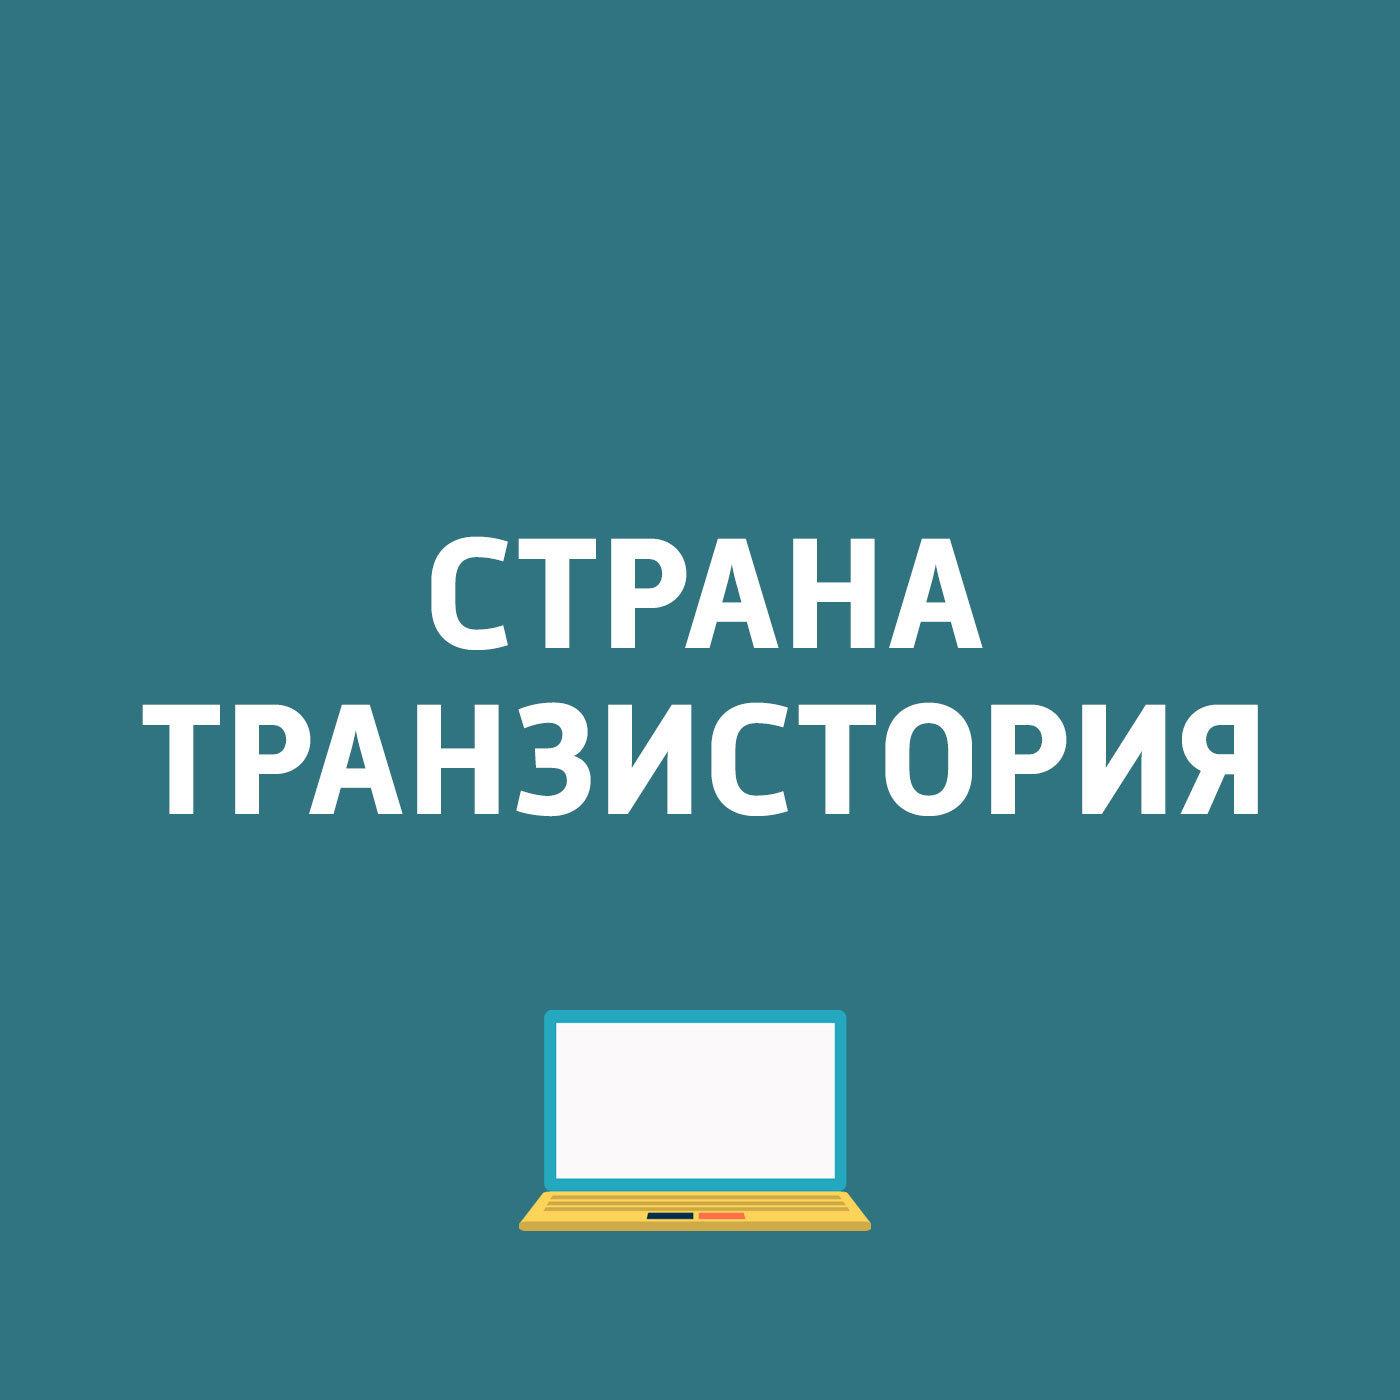 Картаев Павел Huawei объявляет о старте продаж MateBook в России; Vido W10 Elite; «ВКонтакте» выпускает аналог Prisma... картаев павел huawei matebook x pro и galaxy s9